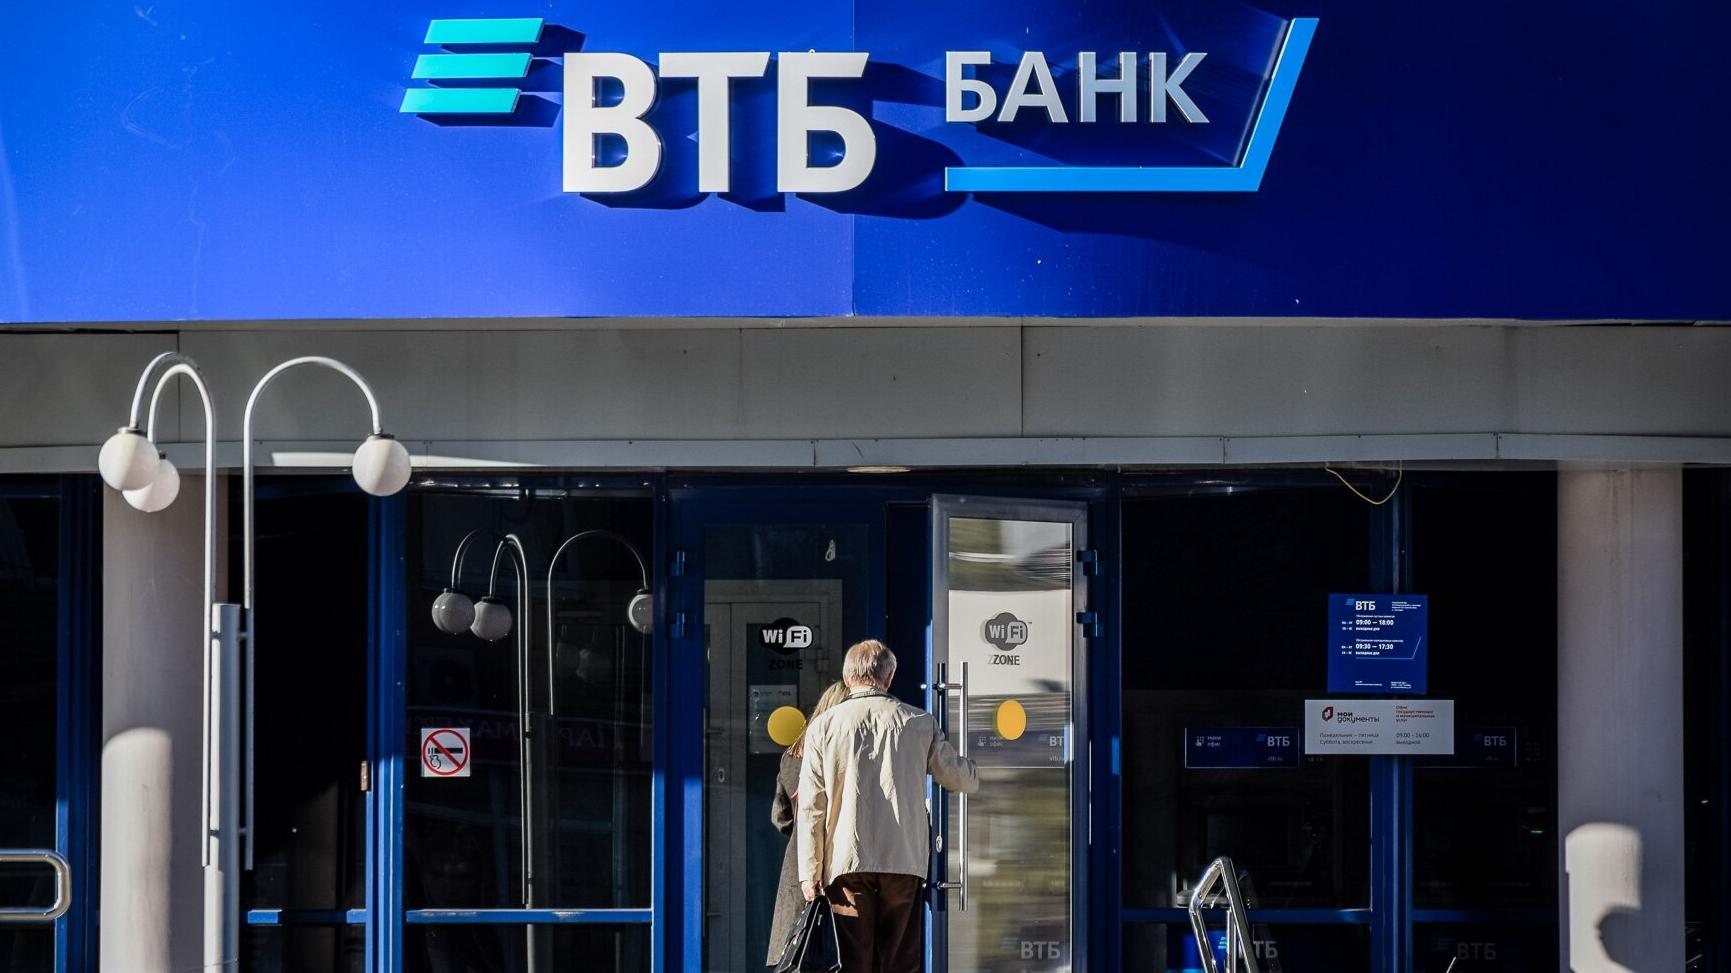 ВТБ Лизинг в мае нарастил продажи в автолизинге в полтора раза год к году - новости Афанасий